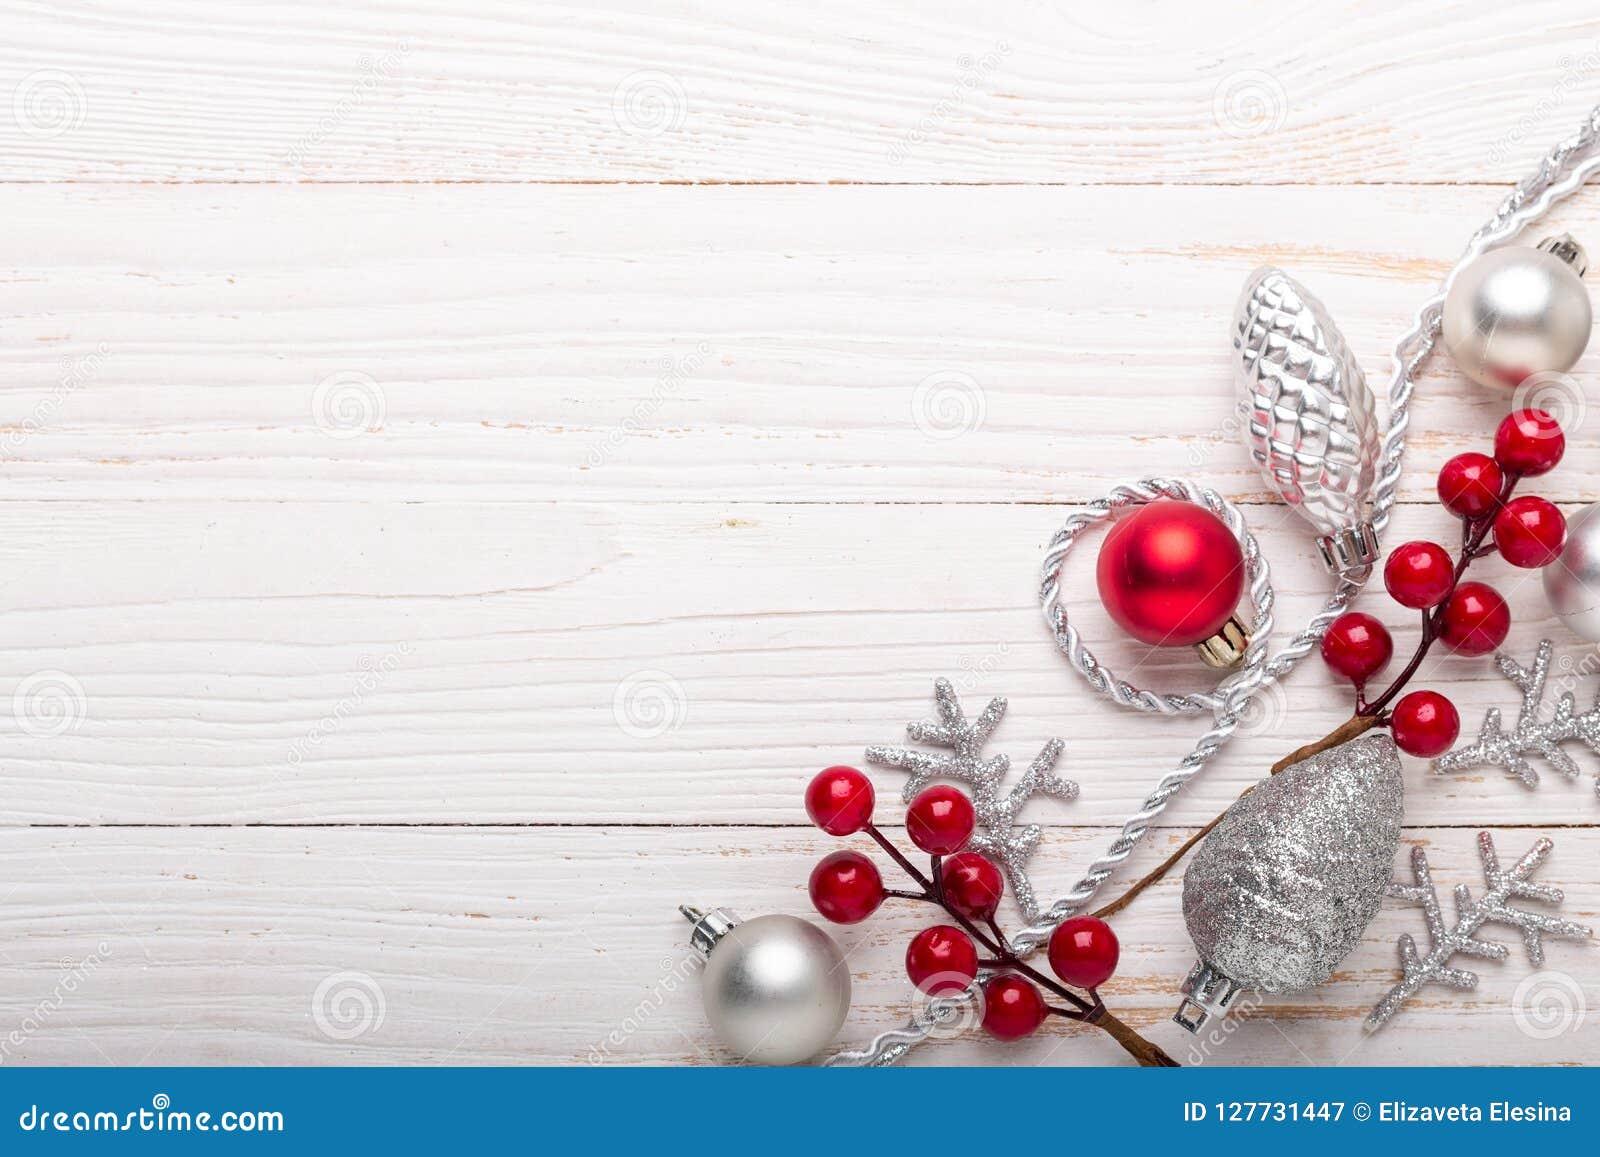 Blanc Cadeaux Sur Rouges Bois Fond En Noël Argentés De Le xBdhQrCts